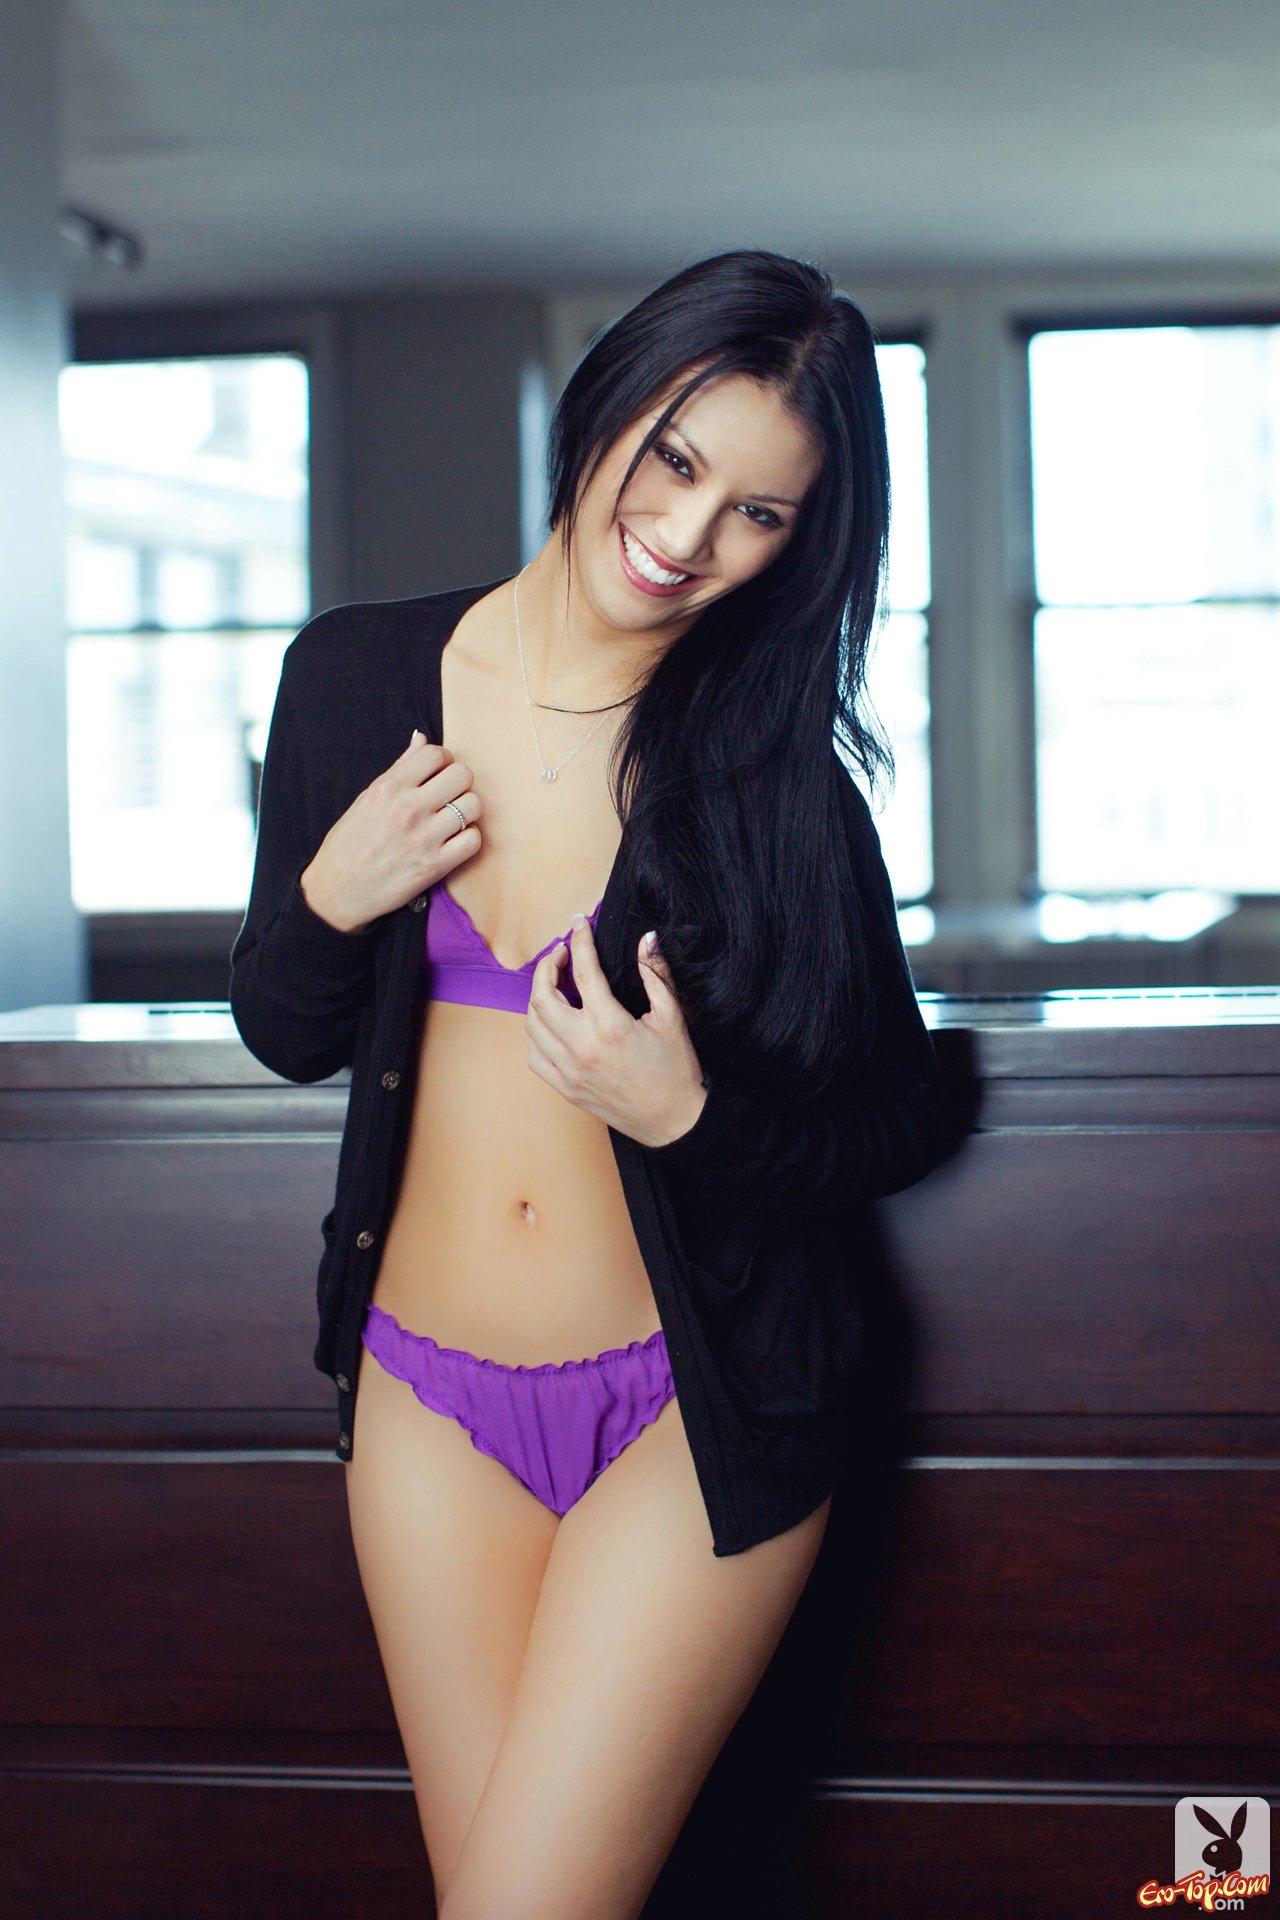 Jessica Anne Marie